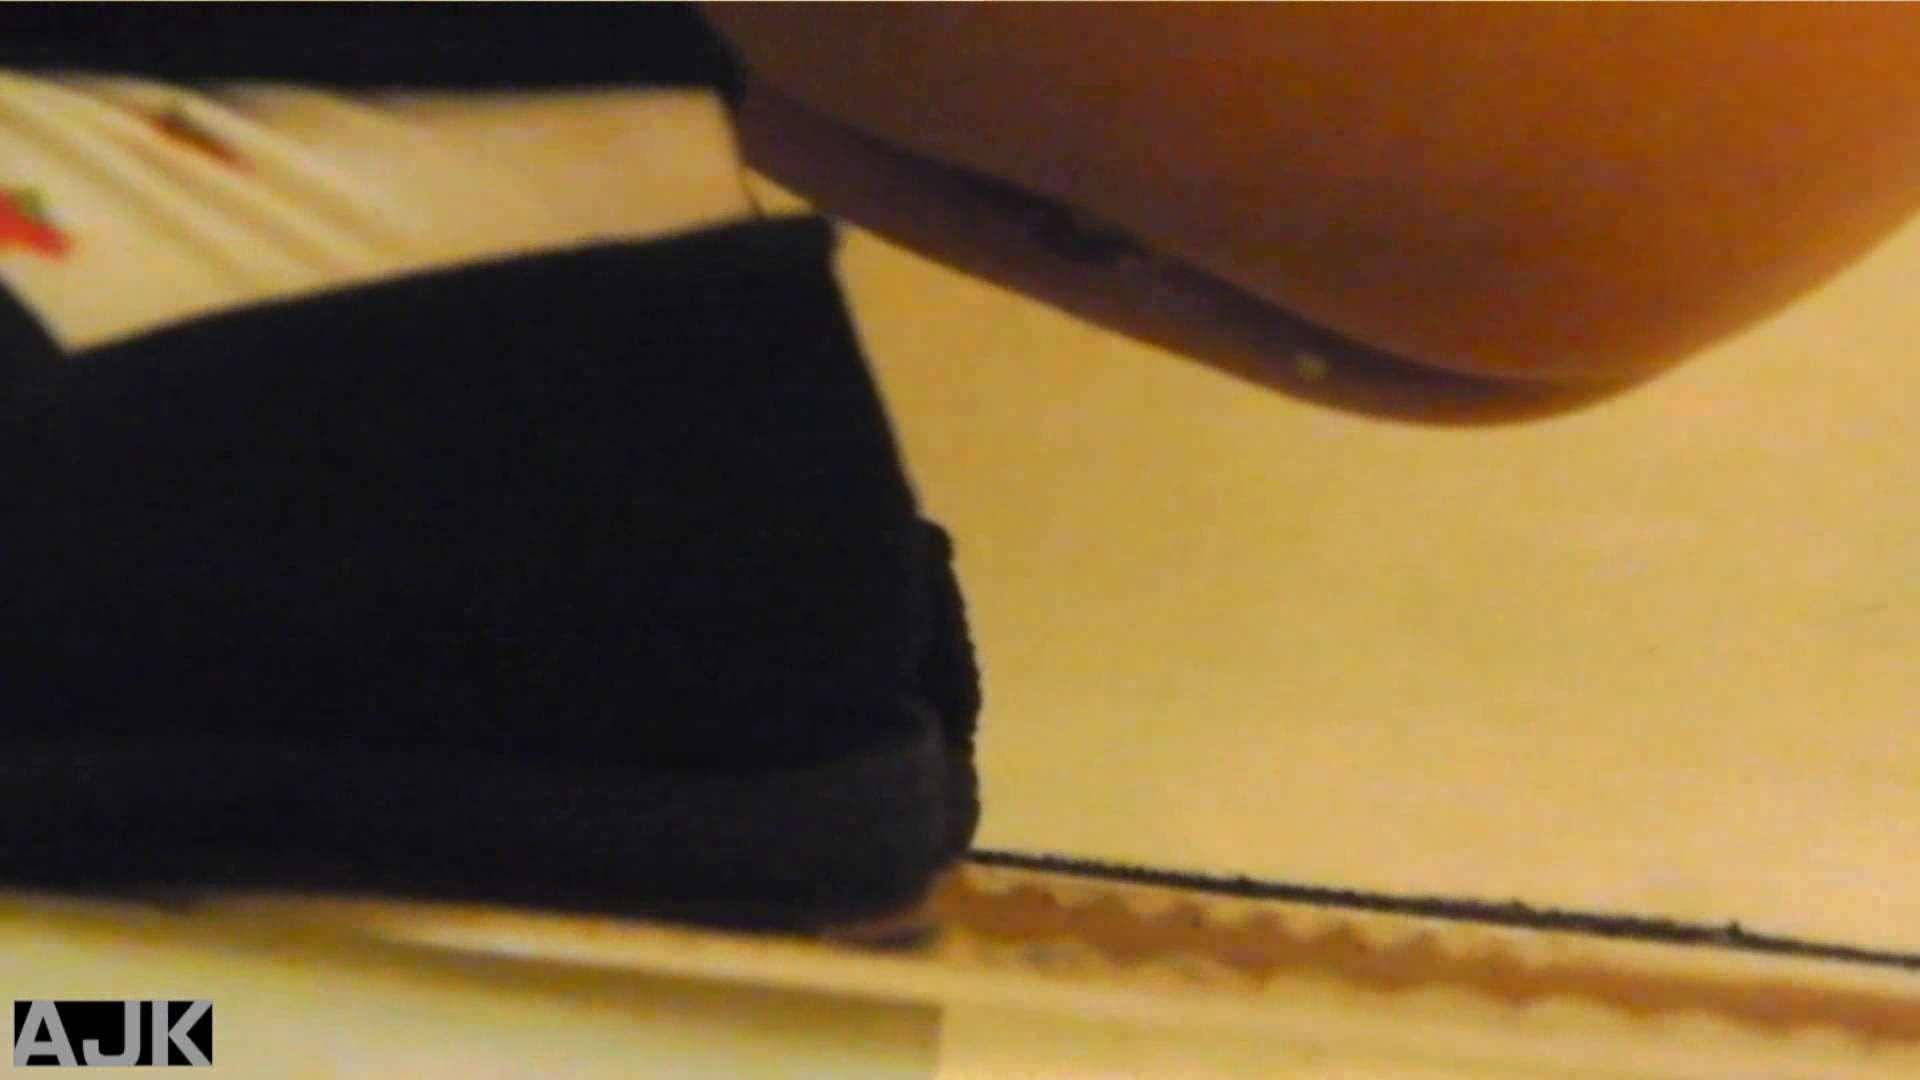 神降臨!史上最強の潜入かわや! vol.01 美女ヌード おまんこ動画流出 89画像 82